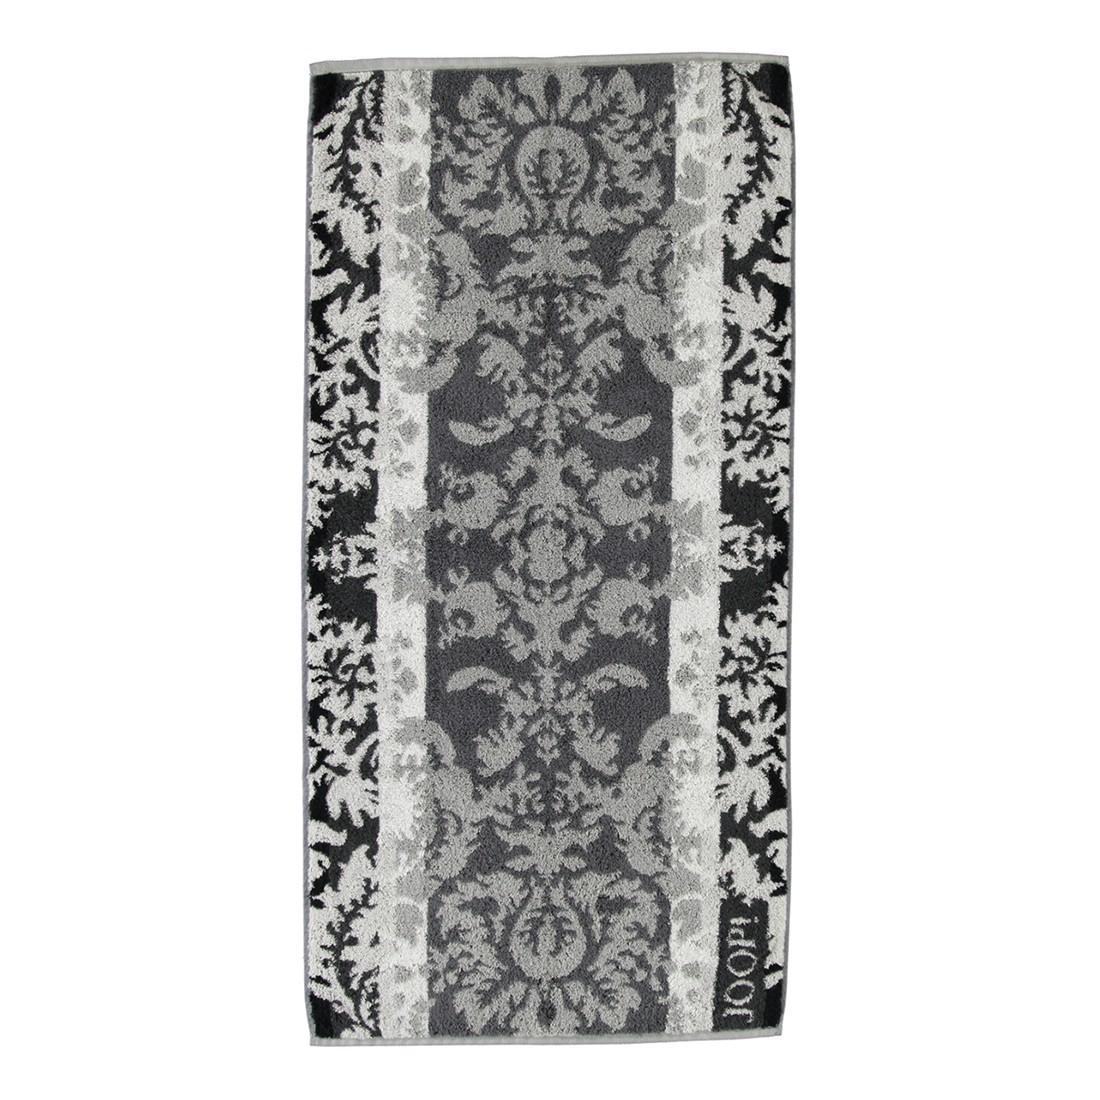 Handtuch Elegance Ornament – 100% Baumwolle basalt – 77 – Handtuch: 50 x 100 cm, Joop günstig